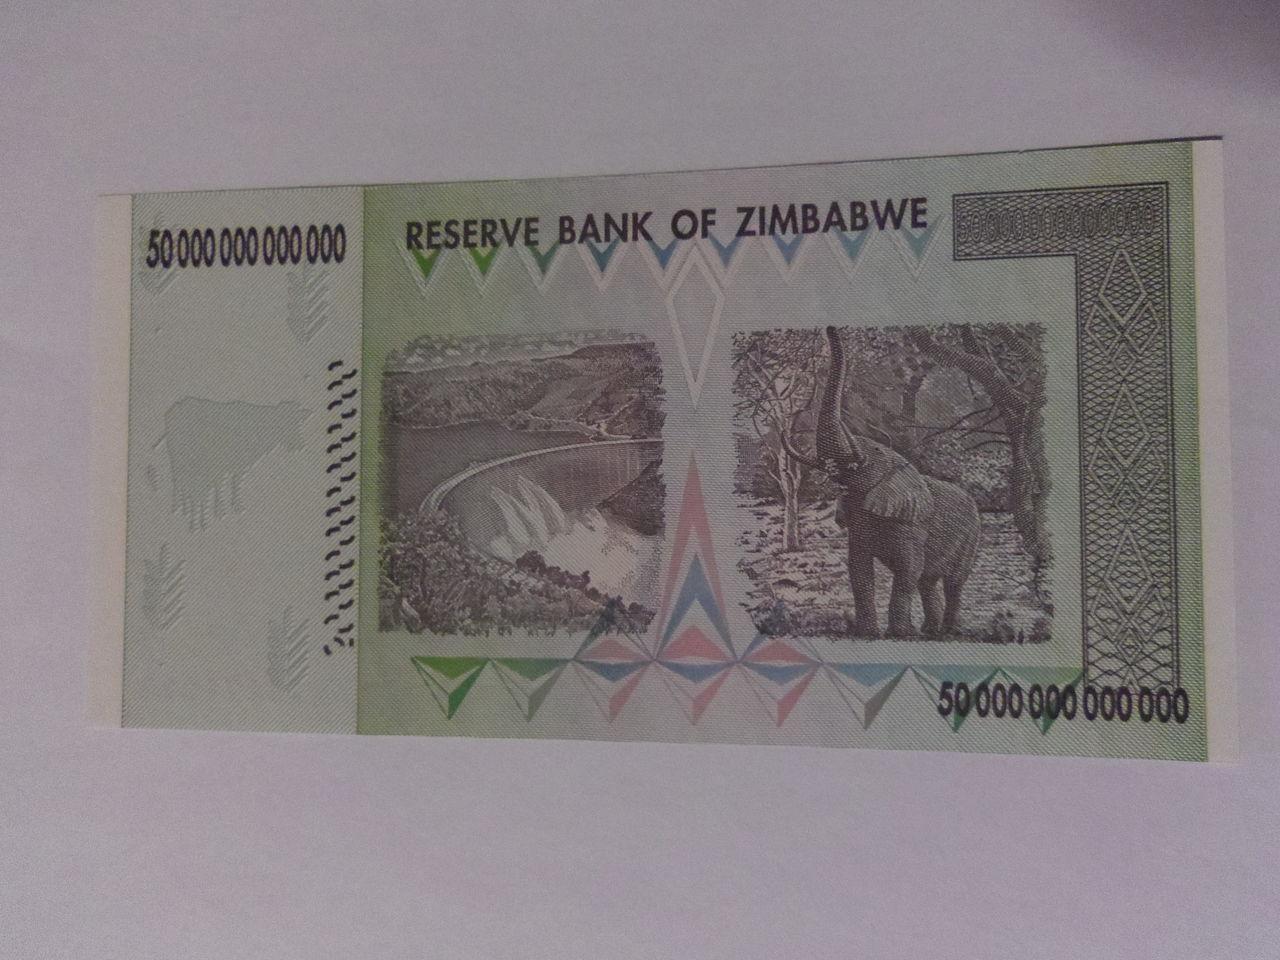 50 Trillones de dólares zimbabuenses, Zimbabue 2008. IMGP3018